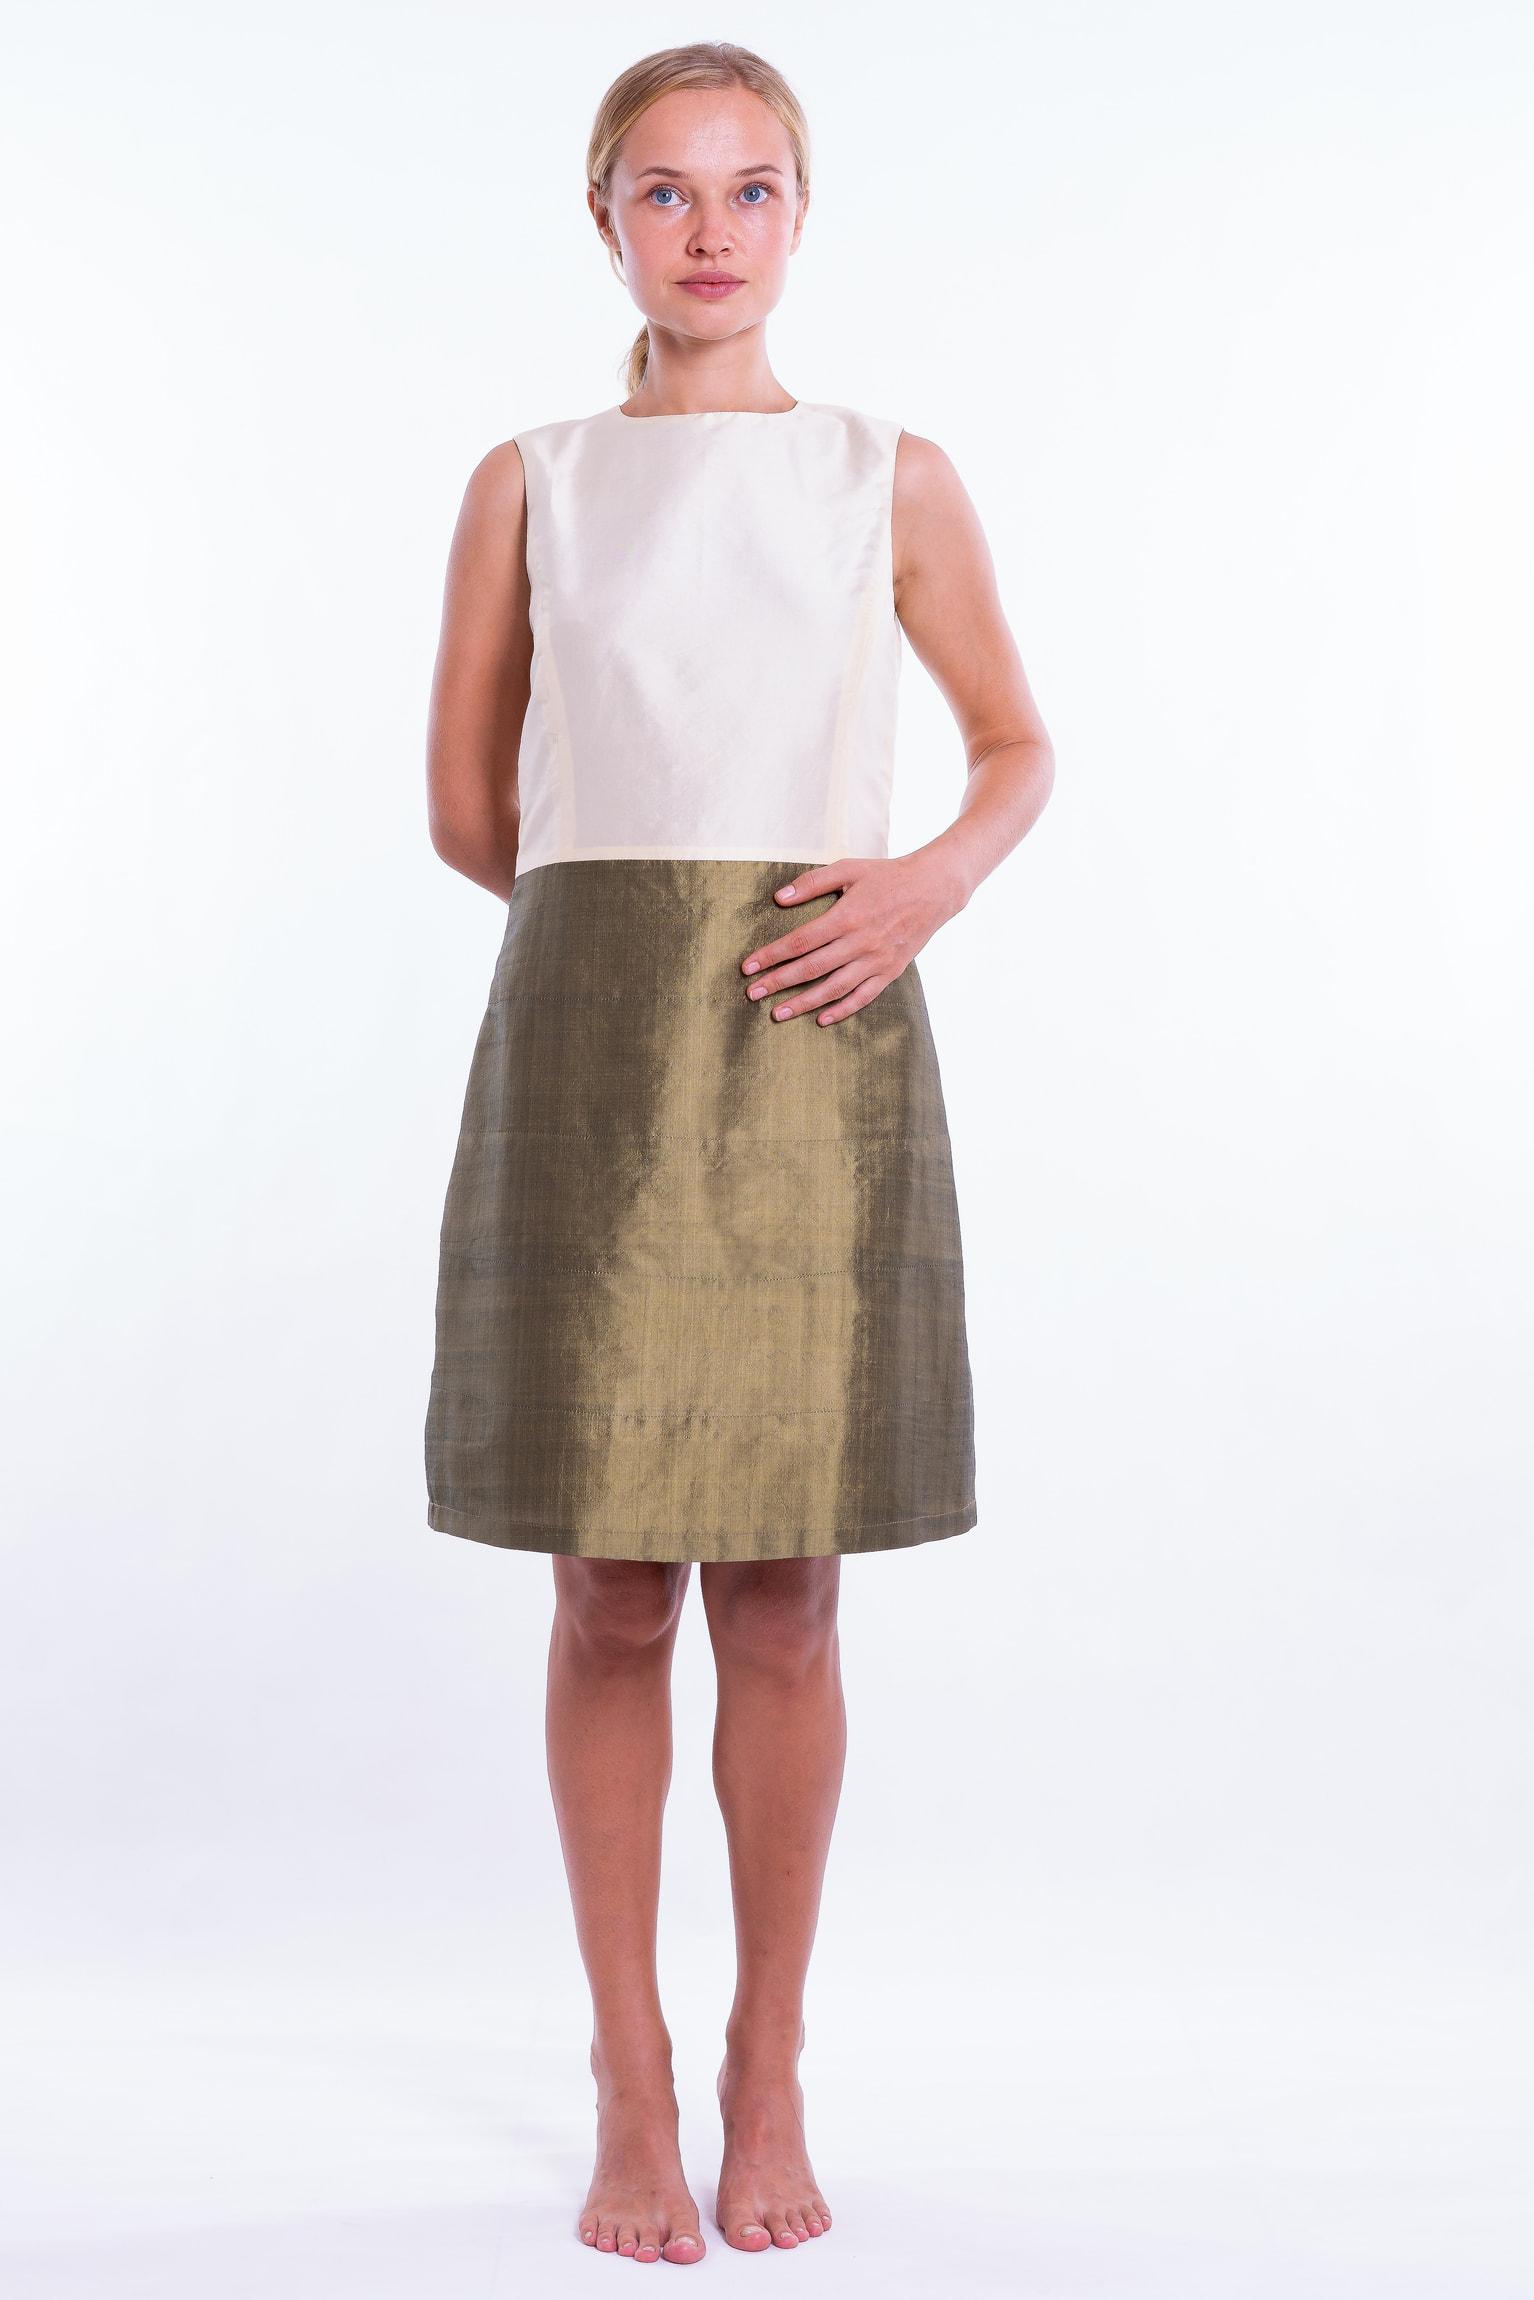 robe en soie naturelle bi-color, bronze et ivoire, sans manches, léger effet boule, doublée de soie fine, devant